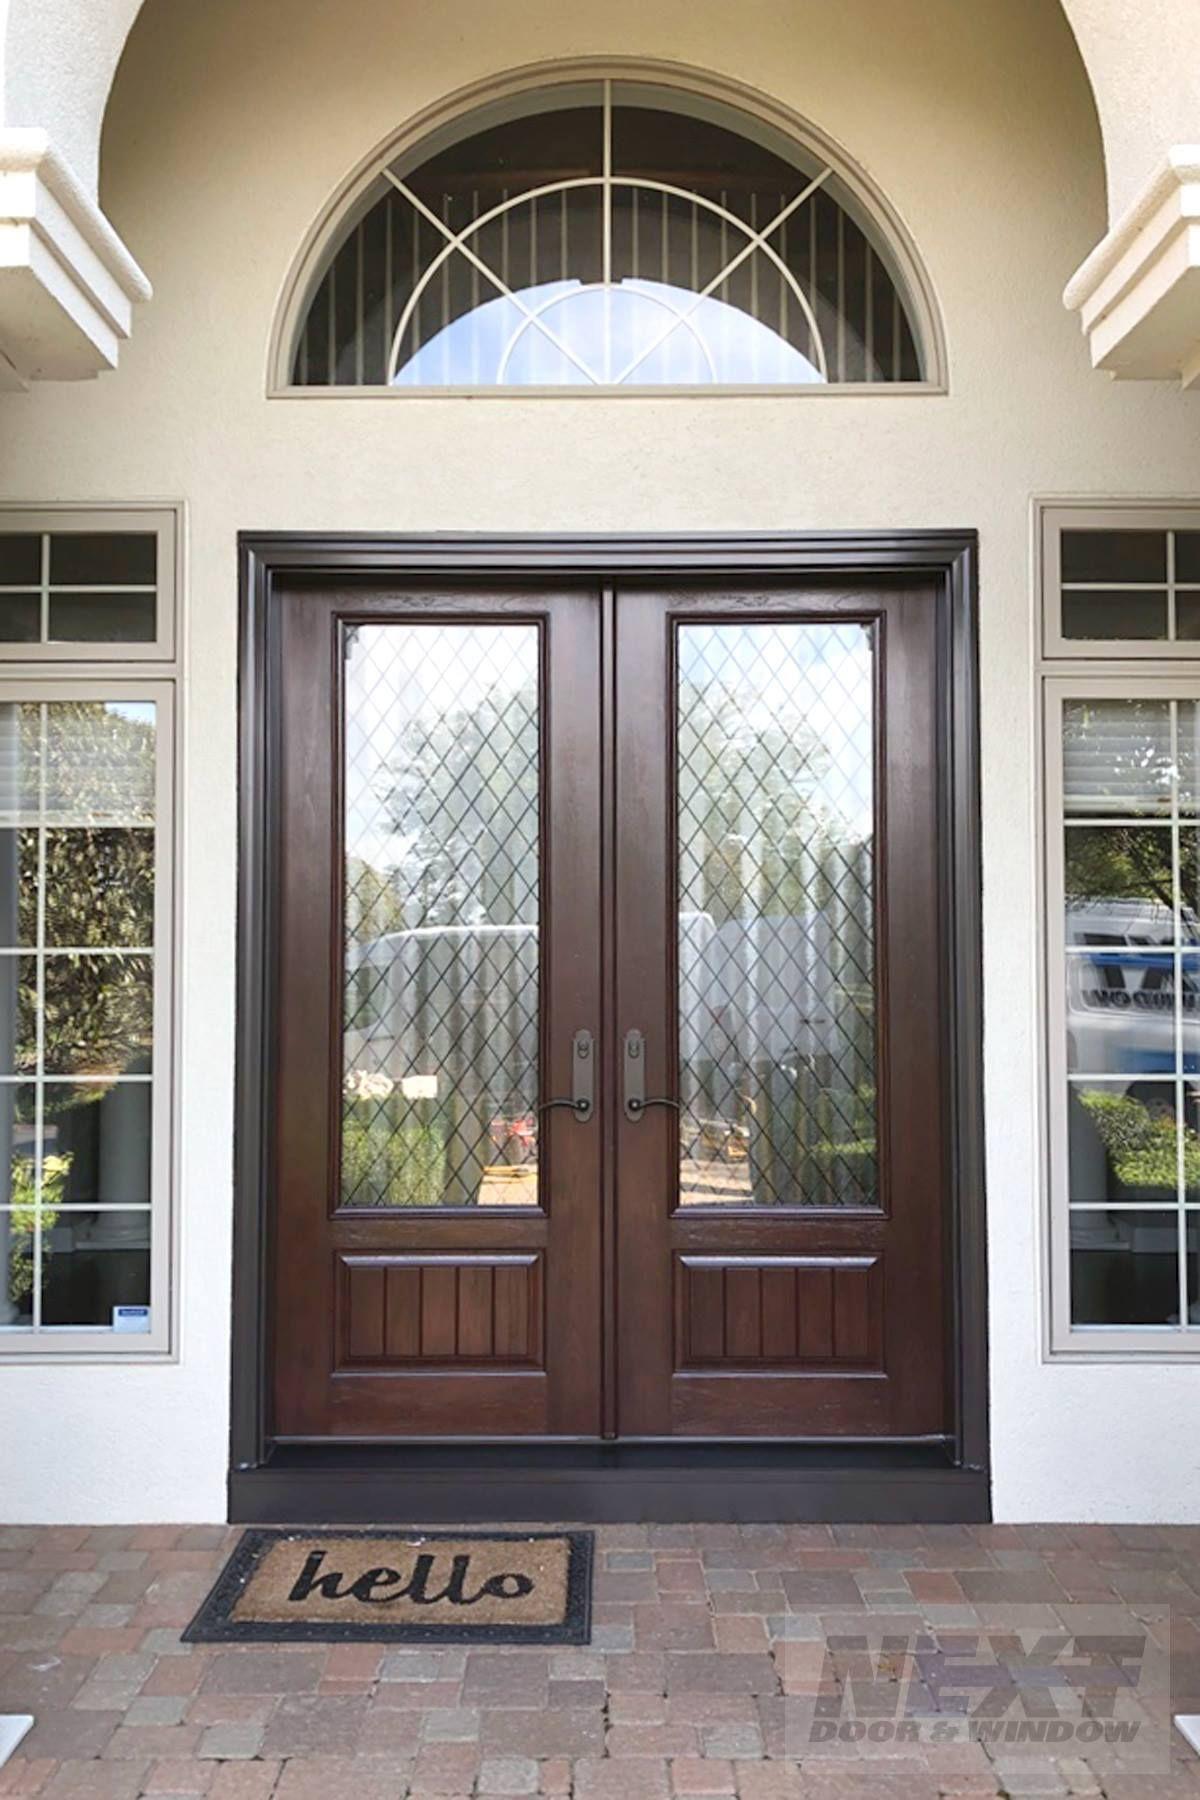 Your Guide To Decorative Door Glass Next Door And Window Decorative Door Glass Windows And Doors Door Design